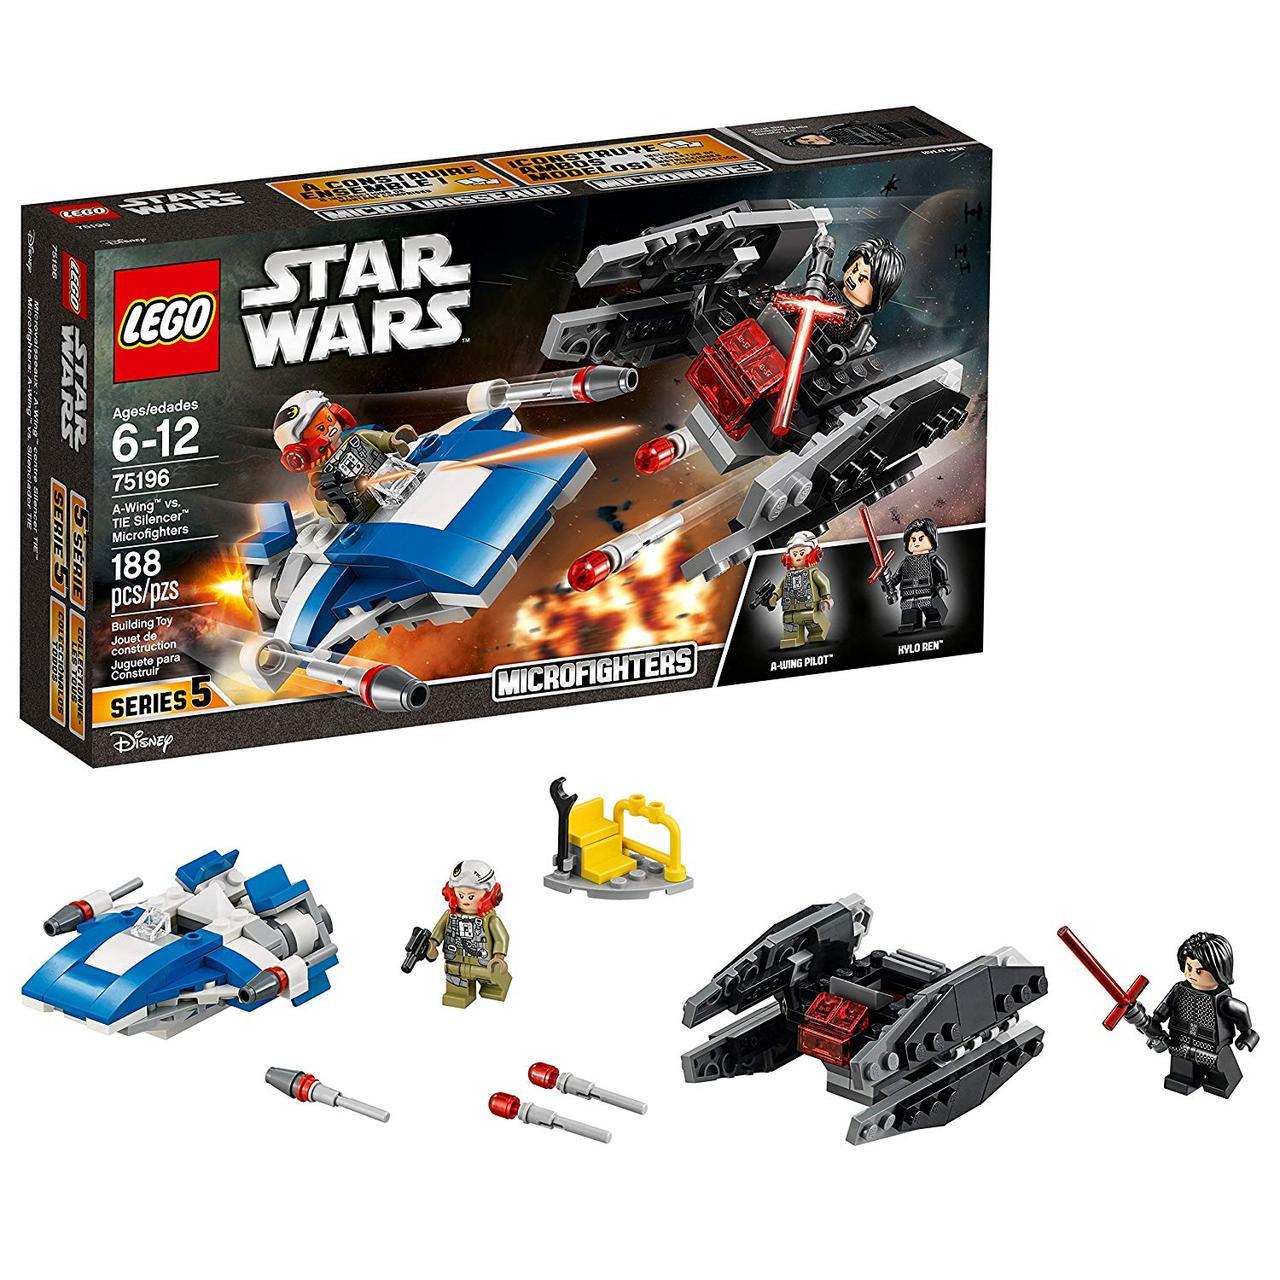 Lego Star wars 75196 Винищувач типу A проти винищувача СІД (Конструктор Лего Старварс Истребитель типа A)